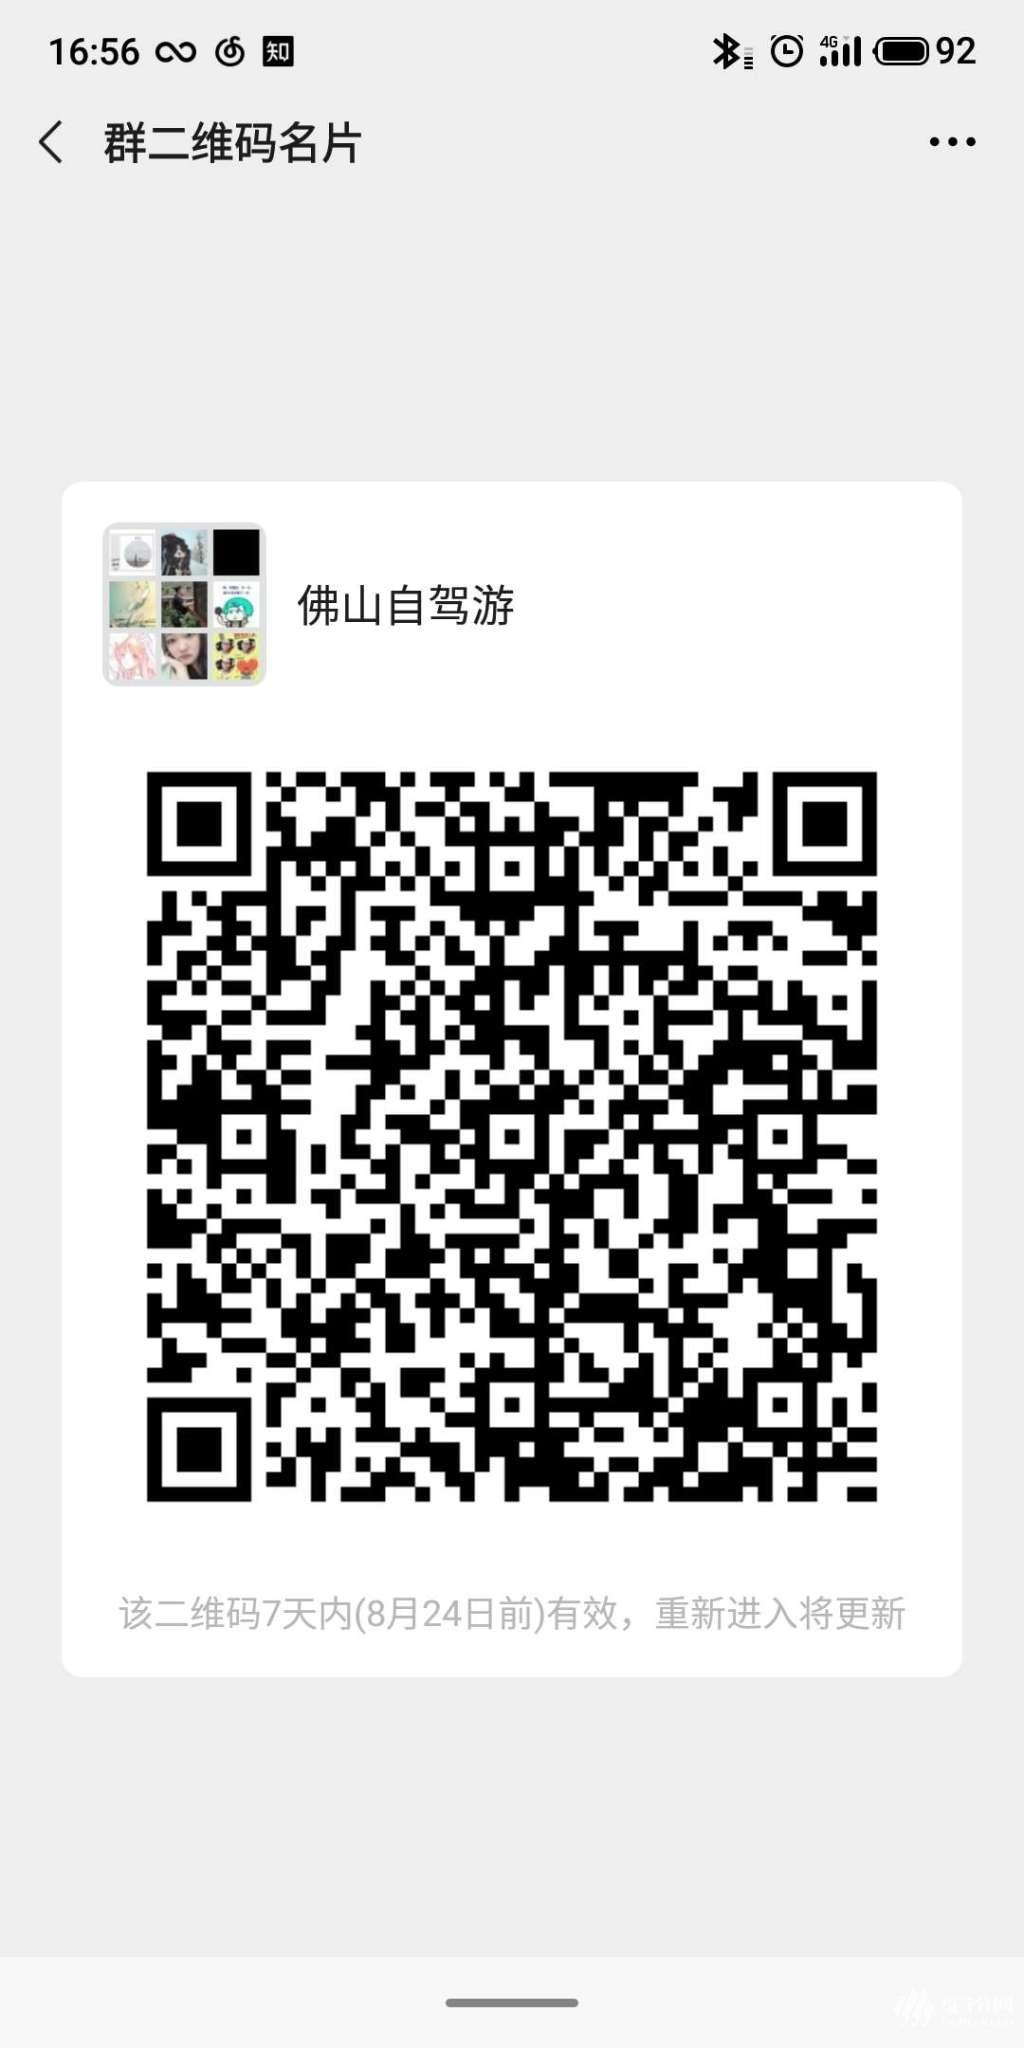 微信图片_20200817165640.jpg